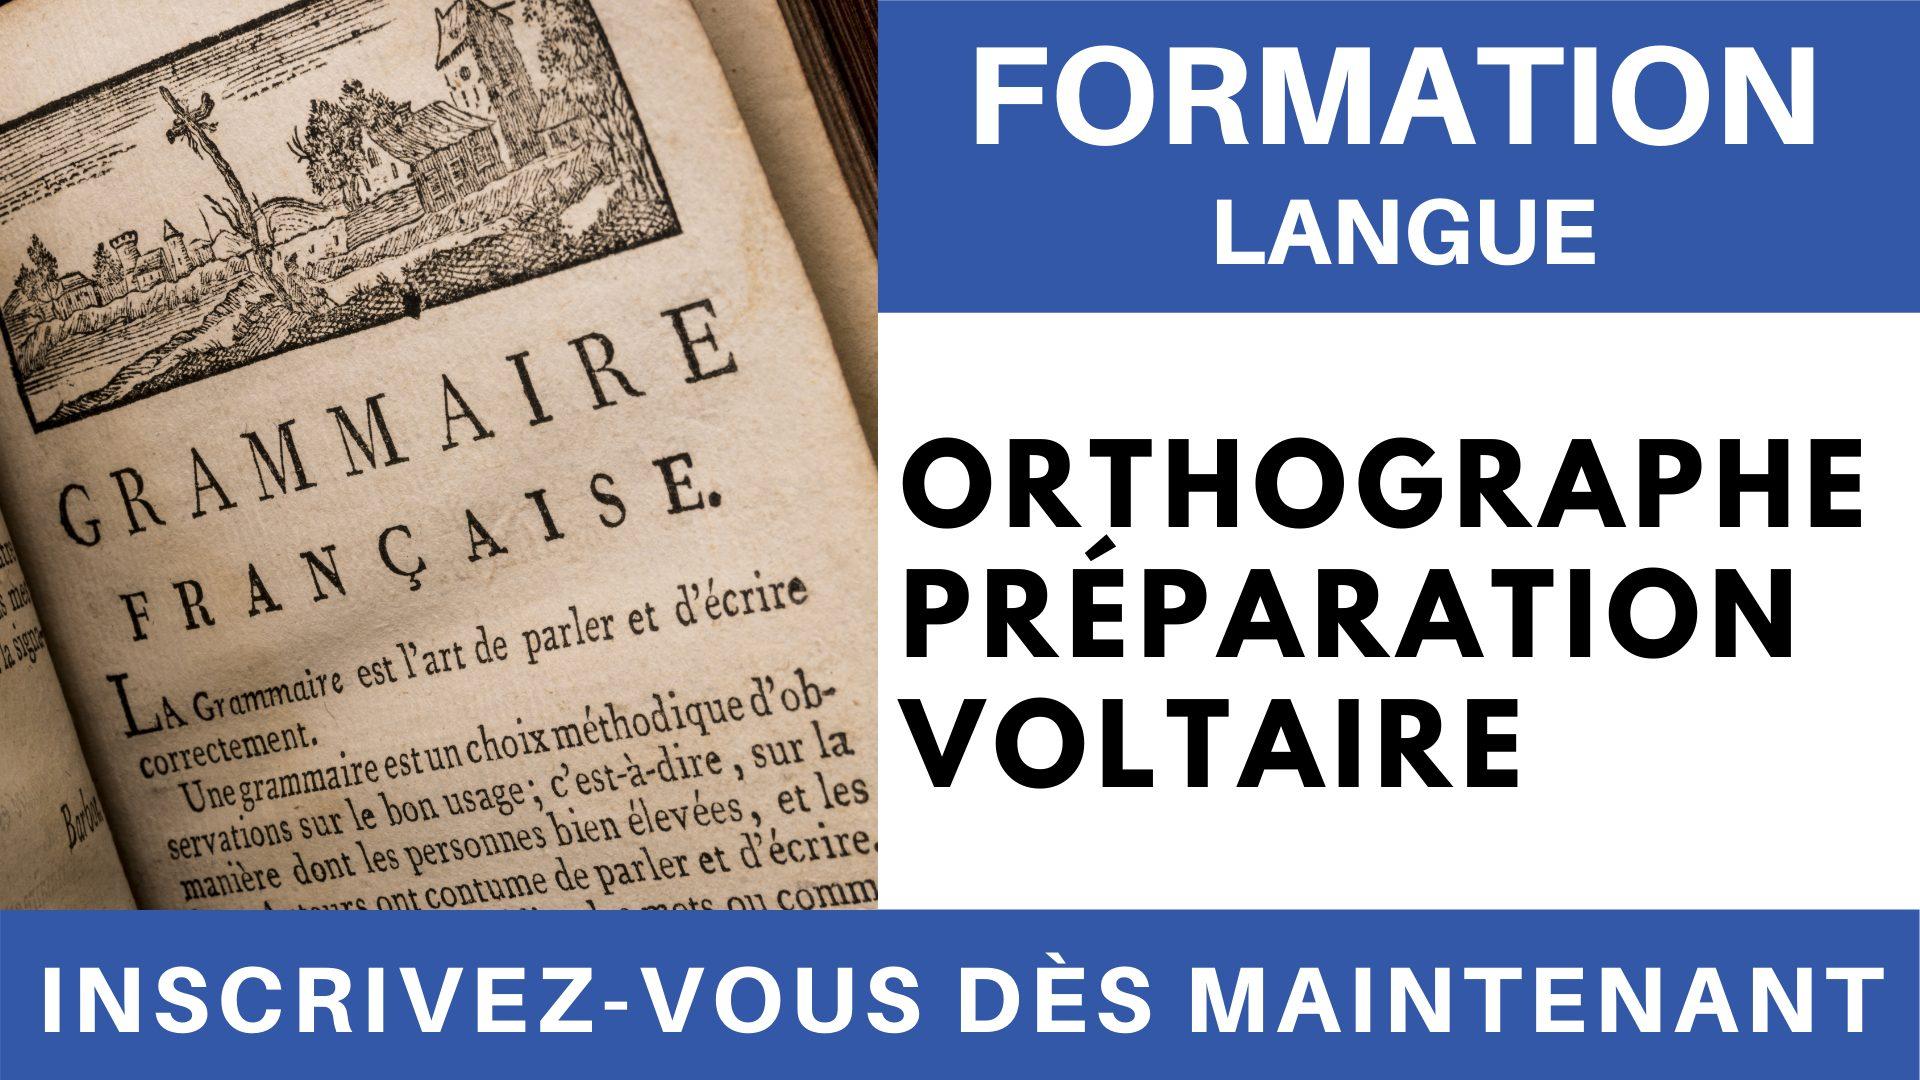 Formation Langue - Orthographe Préparation voltaire